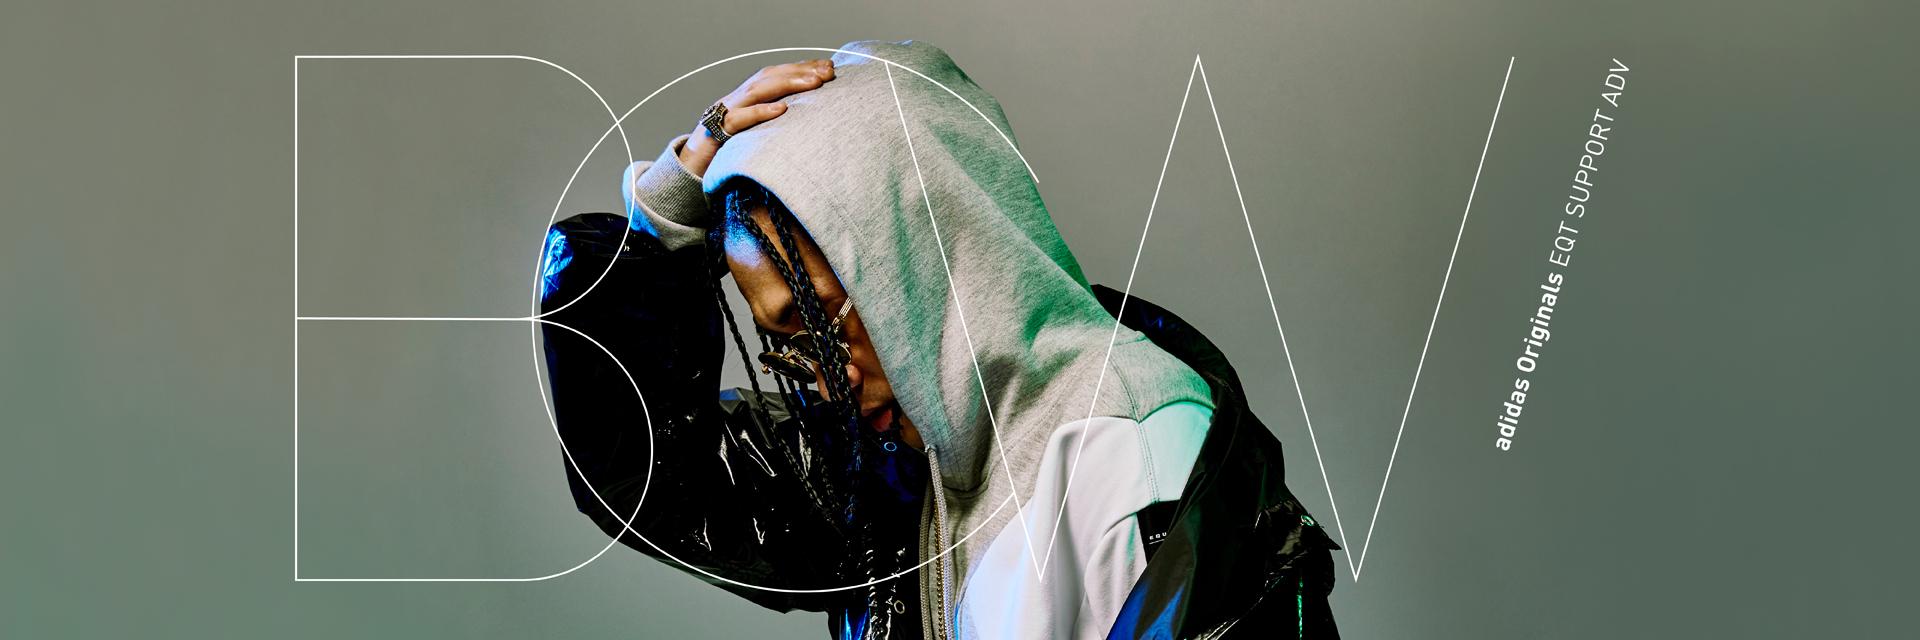 嘻哈+潮流最燥組合!B.C.W 上腳最新 adidas Originals EQT,凶狠示範「經典不敗色系穿搭」照樣電爆全場